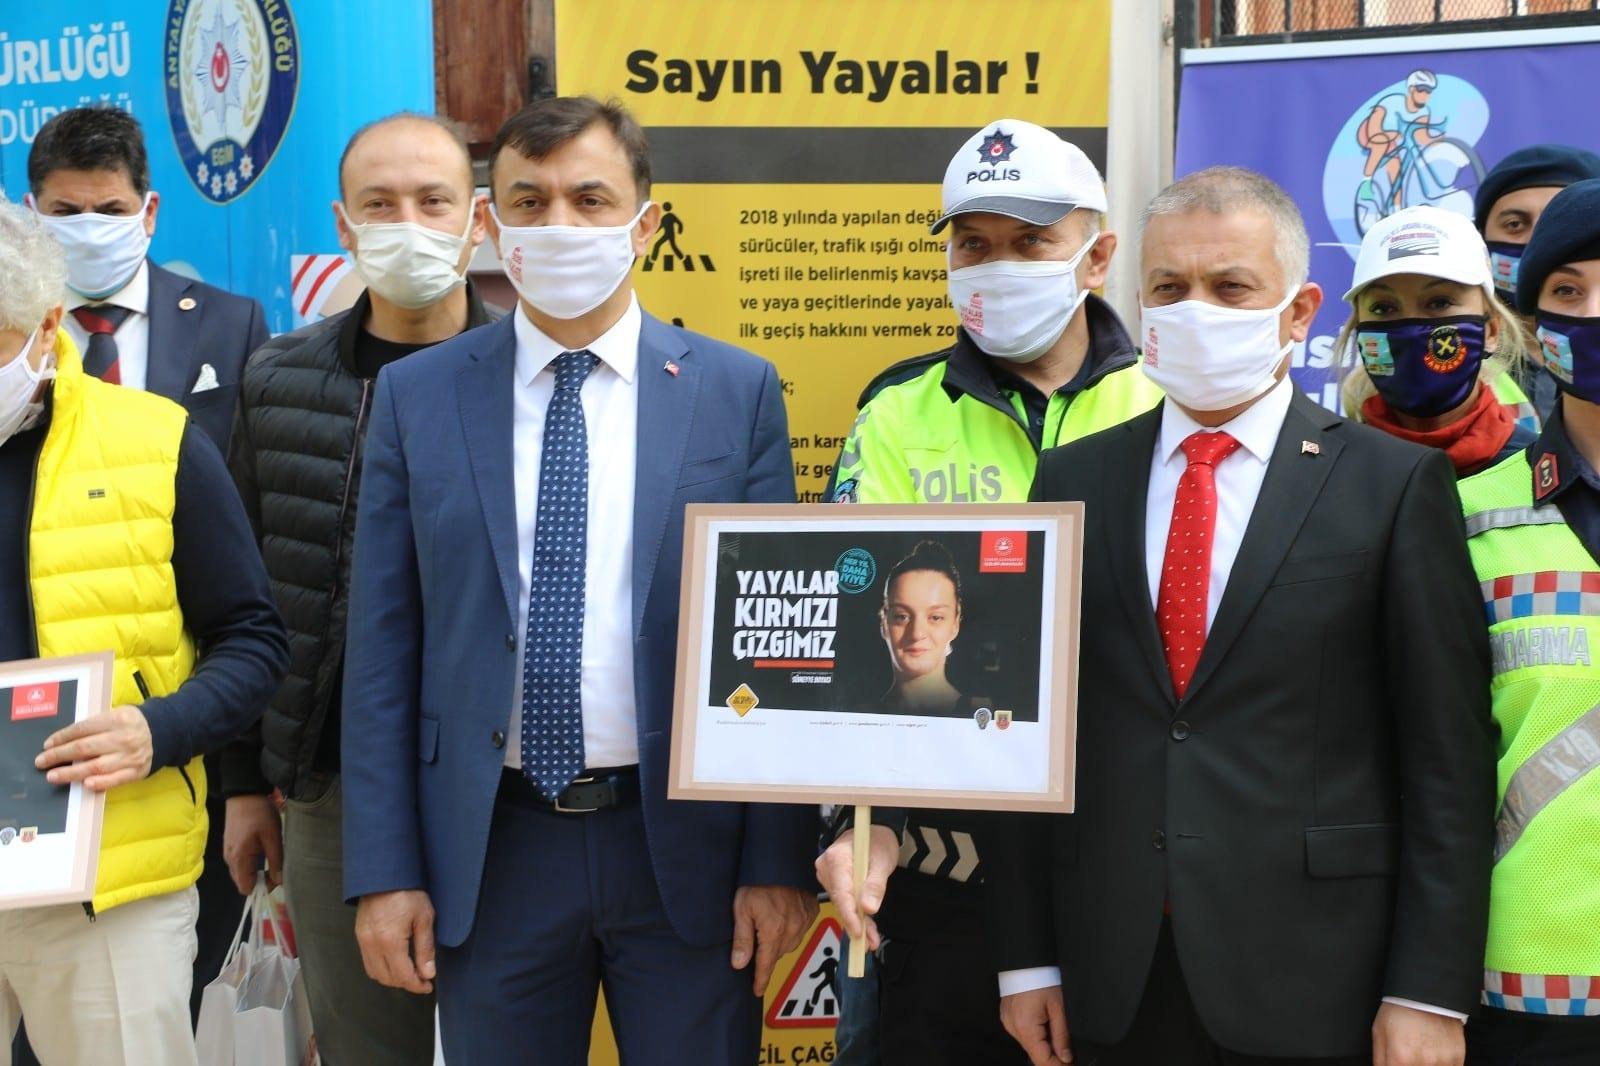 vali yazici biz turizm sehriyiz turkiyeyi temsil eden bir sehriz risk haritasinda kirmizi bize yakismadi 8 h1twaFh1